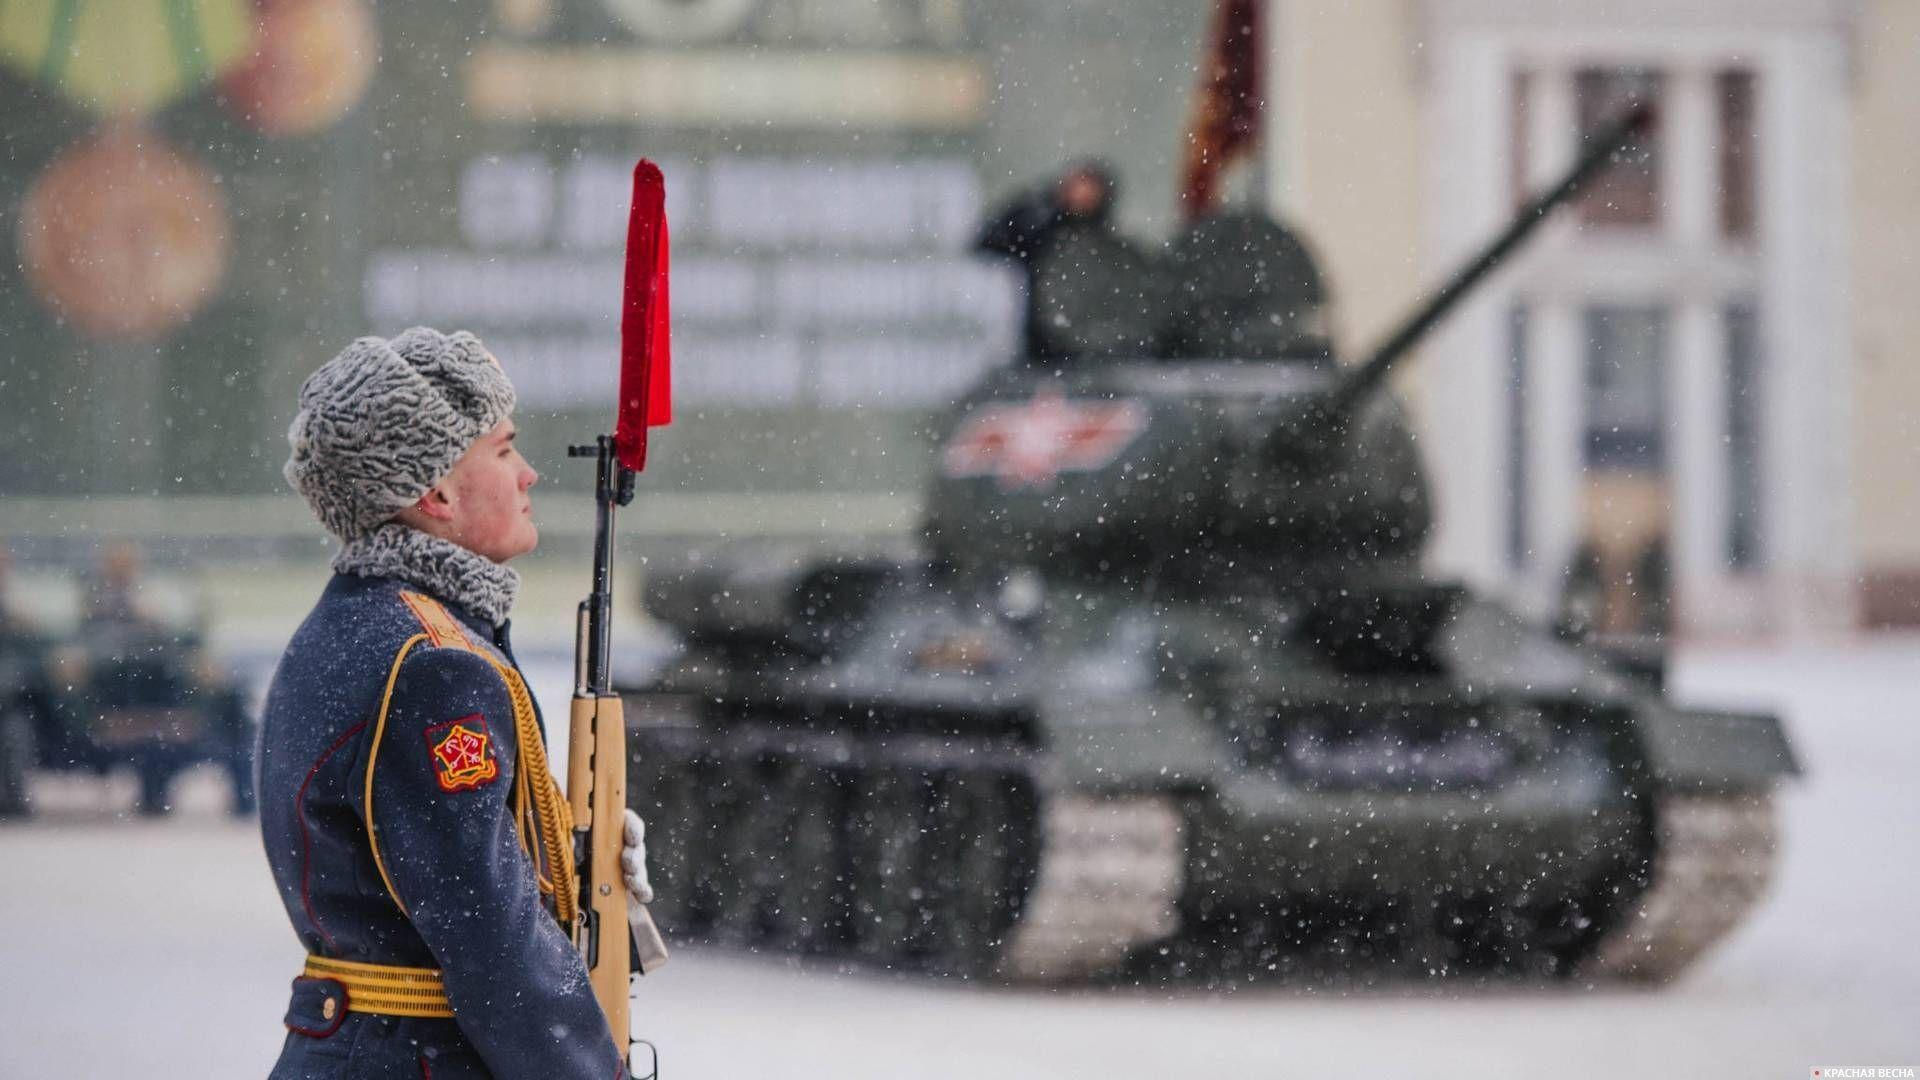 Парад в честь 75-й годовщины полного освобождения Ленинграда от фашистской блокады